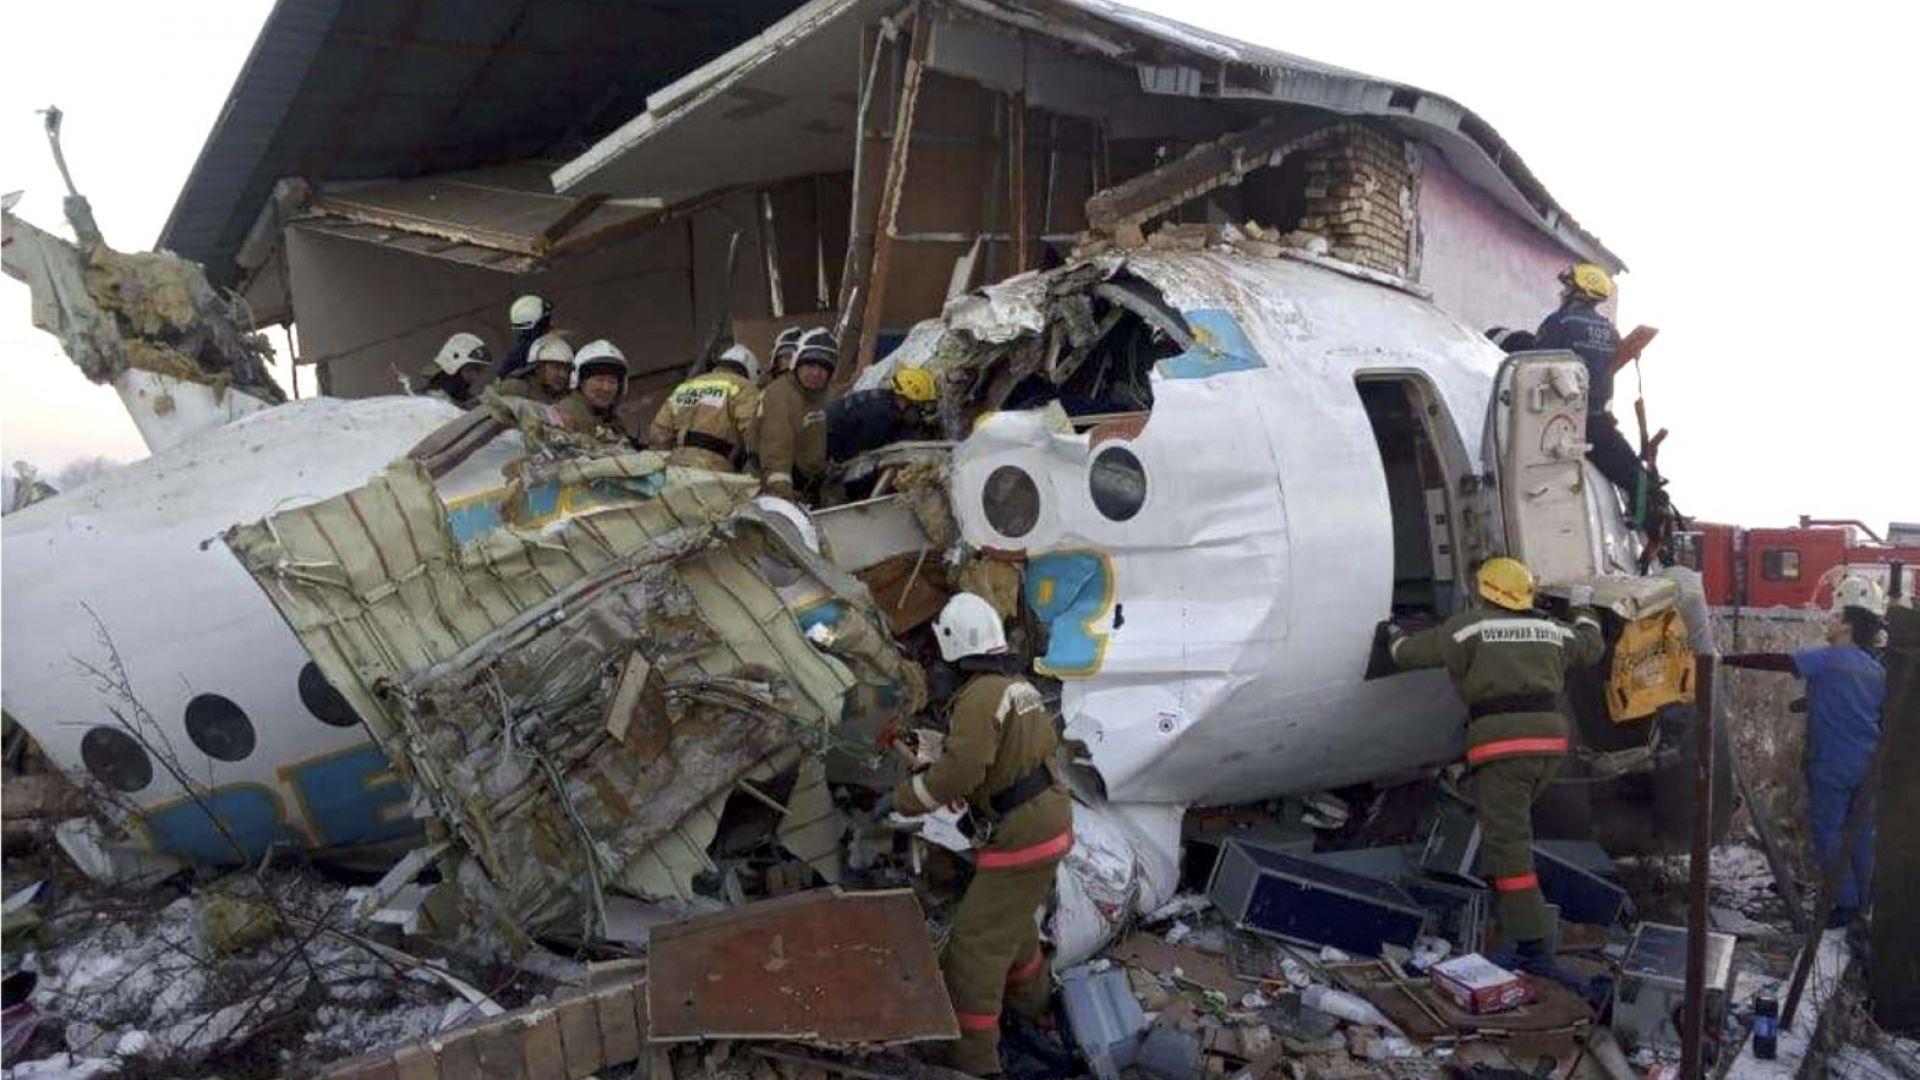 Самолет със 100 души на борда се разби при излитане в Казахстан (снимки+видео)